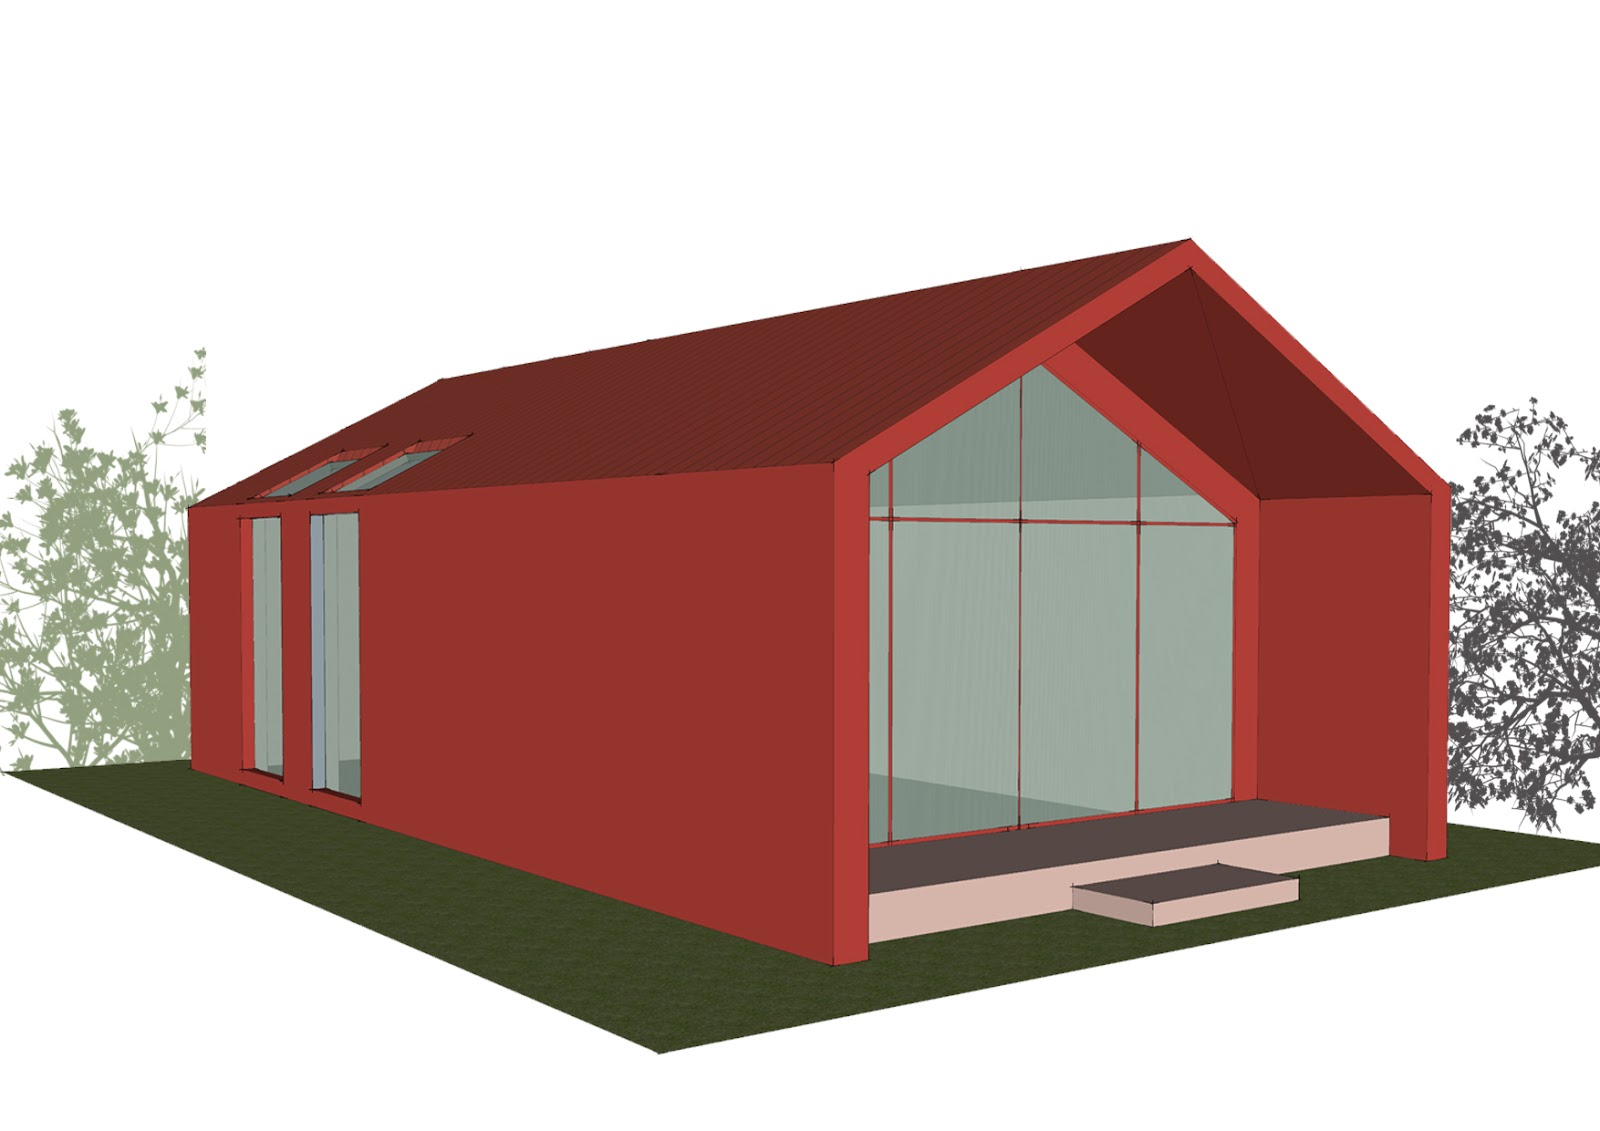 Progetti di case in legno casa 191 mq terrazze 25 mq - Prezzo intonaco esterno ...